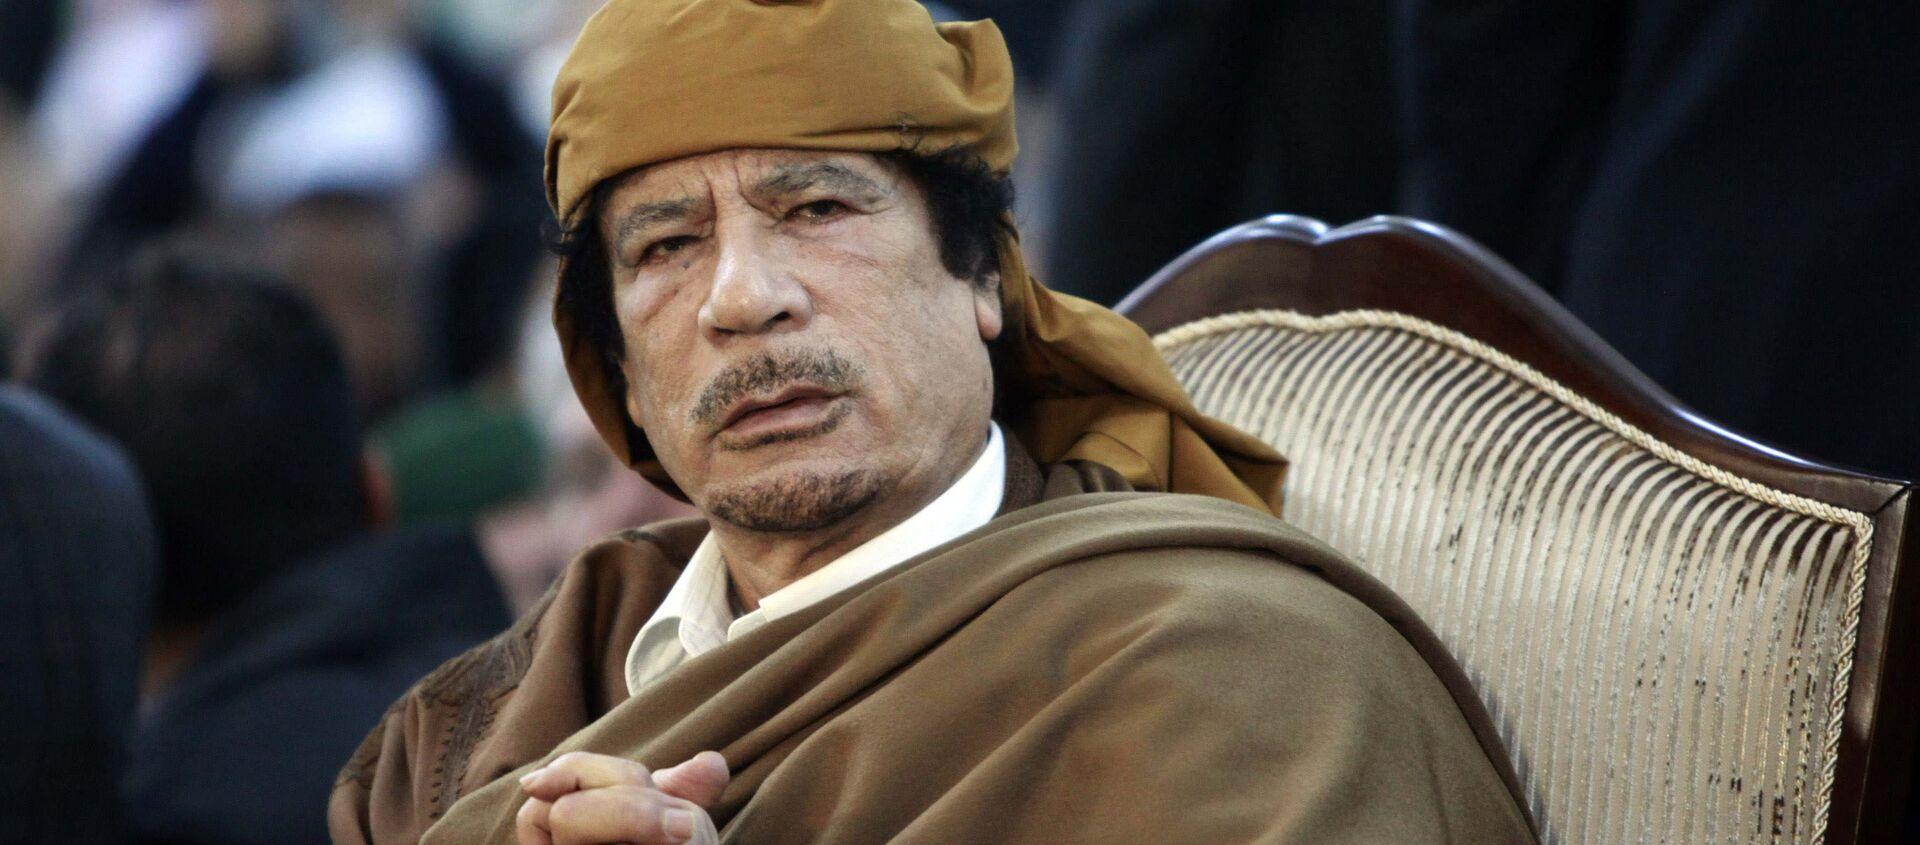 Muammar al-Kaddafi - Sputnik Polska, 1920, 15.02.2021